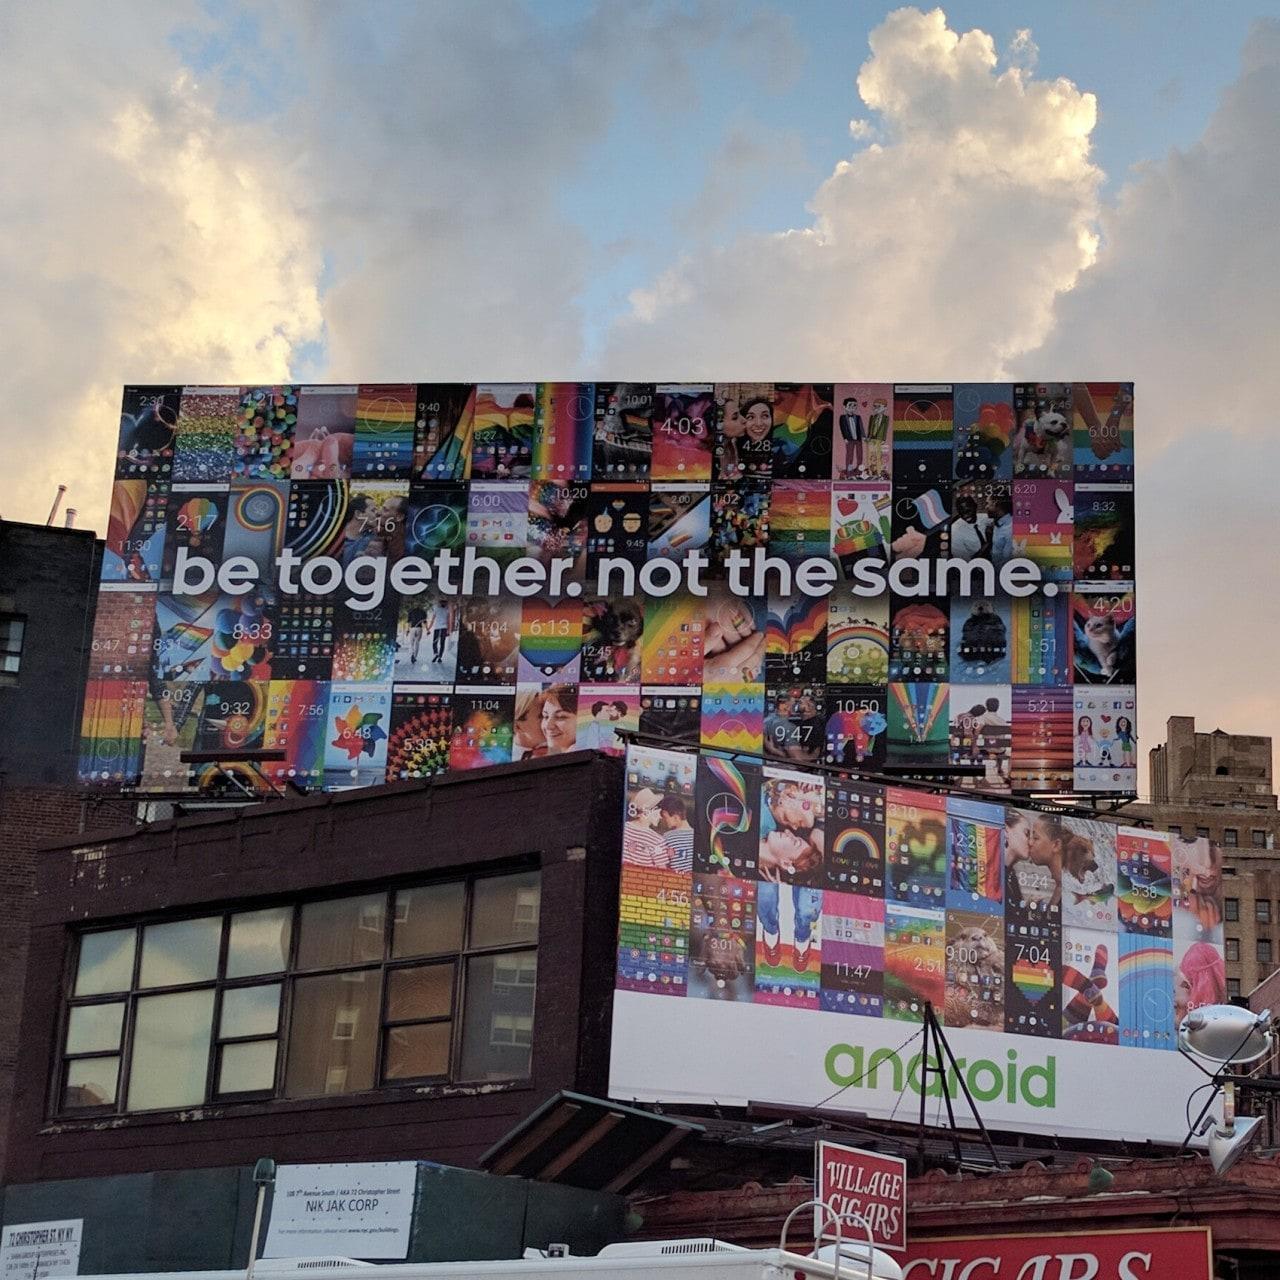 Anche la realtà virtuale di Google celebra il Pride 2016 #prideforeveryone (foto e video)